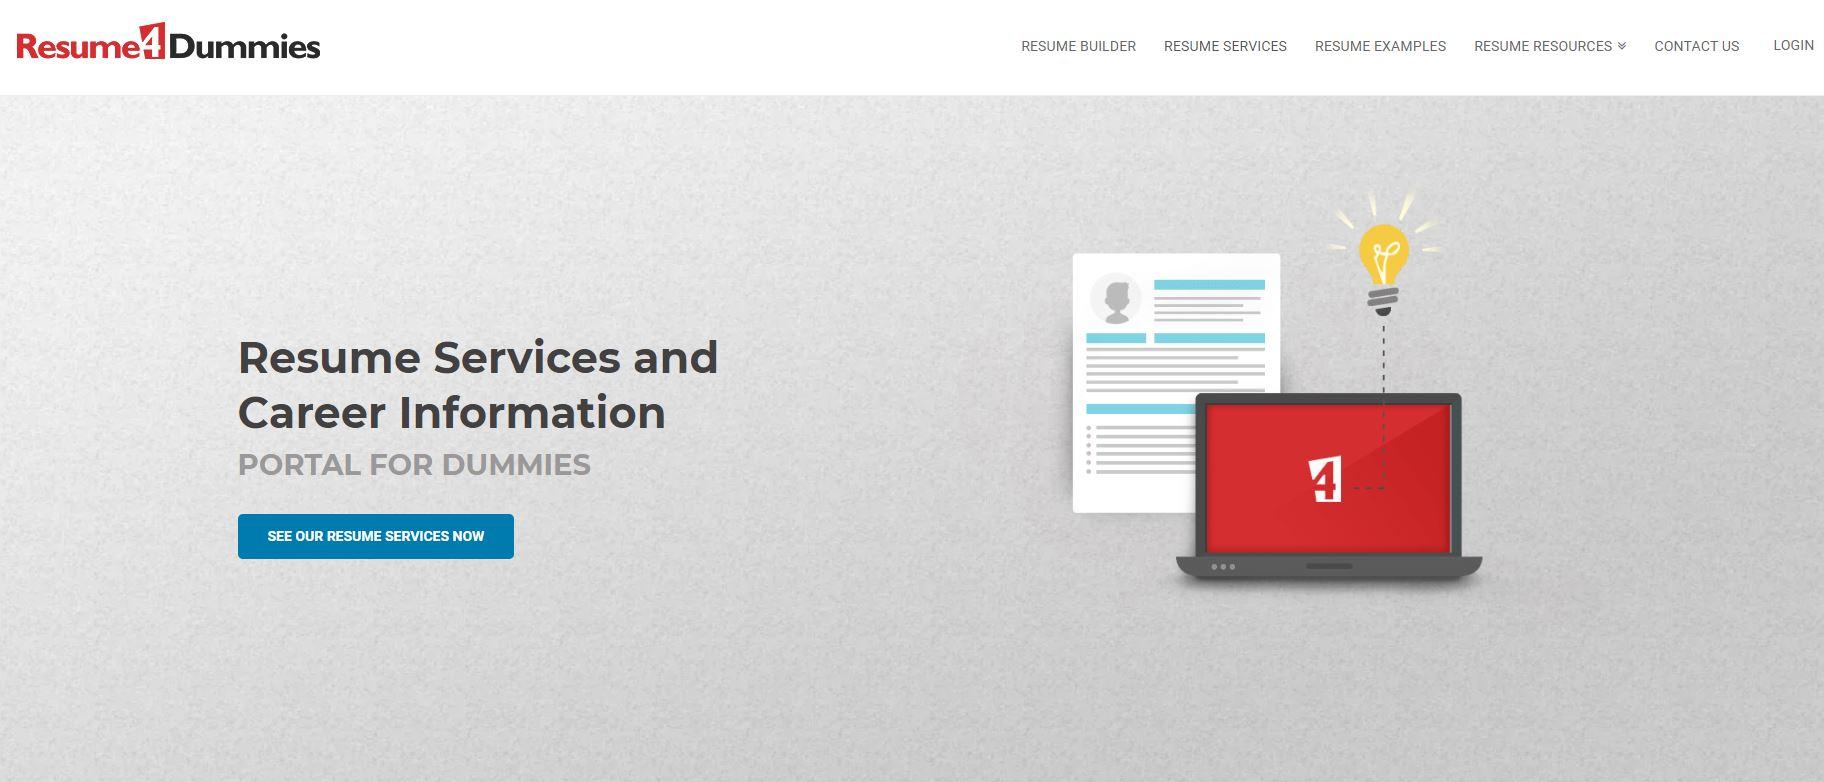 Best Resume Service in California - Screenshot of Resume 4 Dummies Homepage